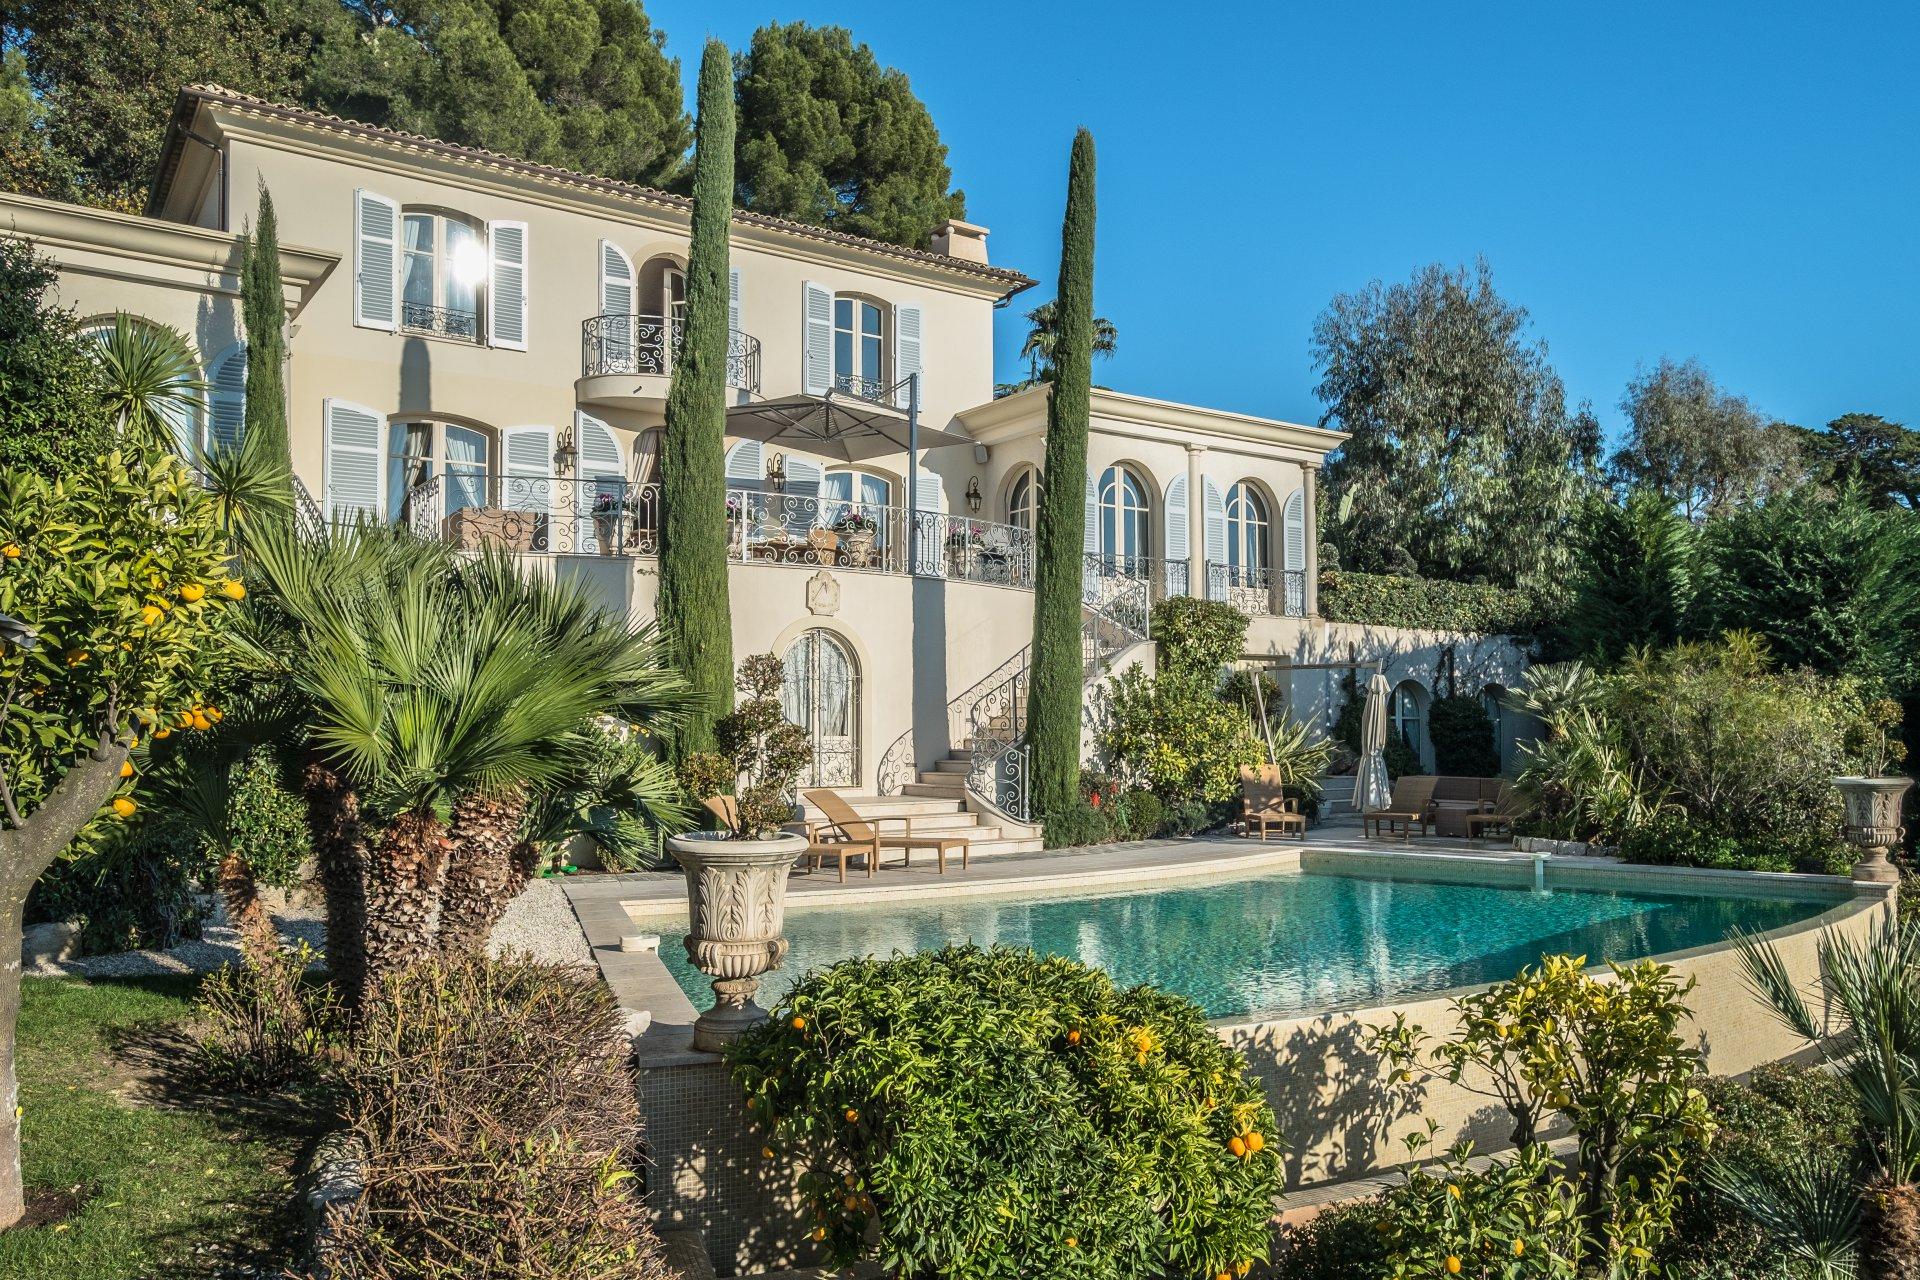 Ad Sale Villa Cannes Californie 06400 8 Rooms Ref V4007ca